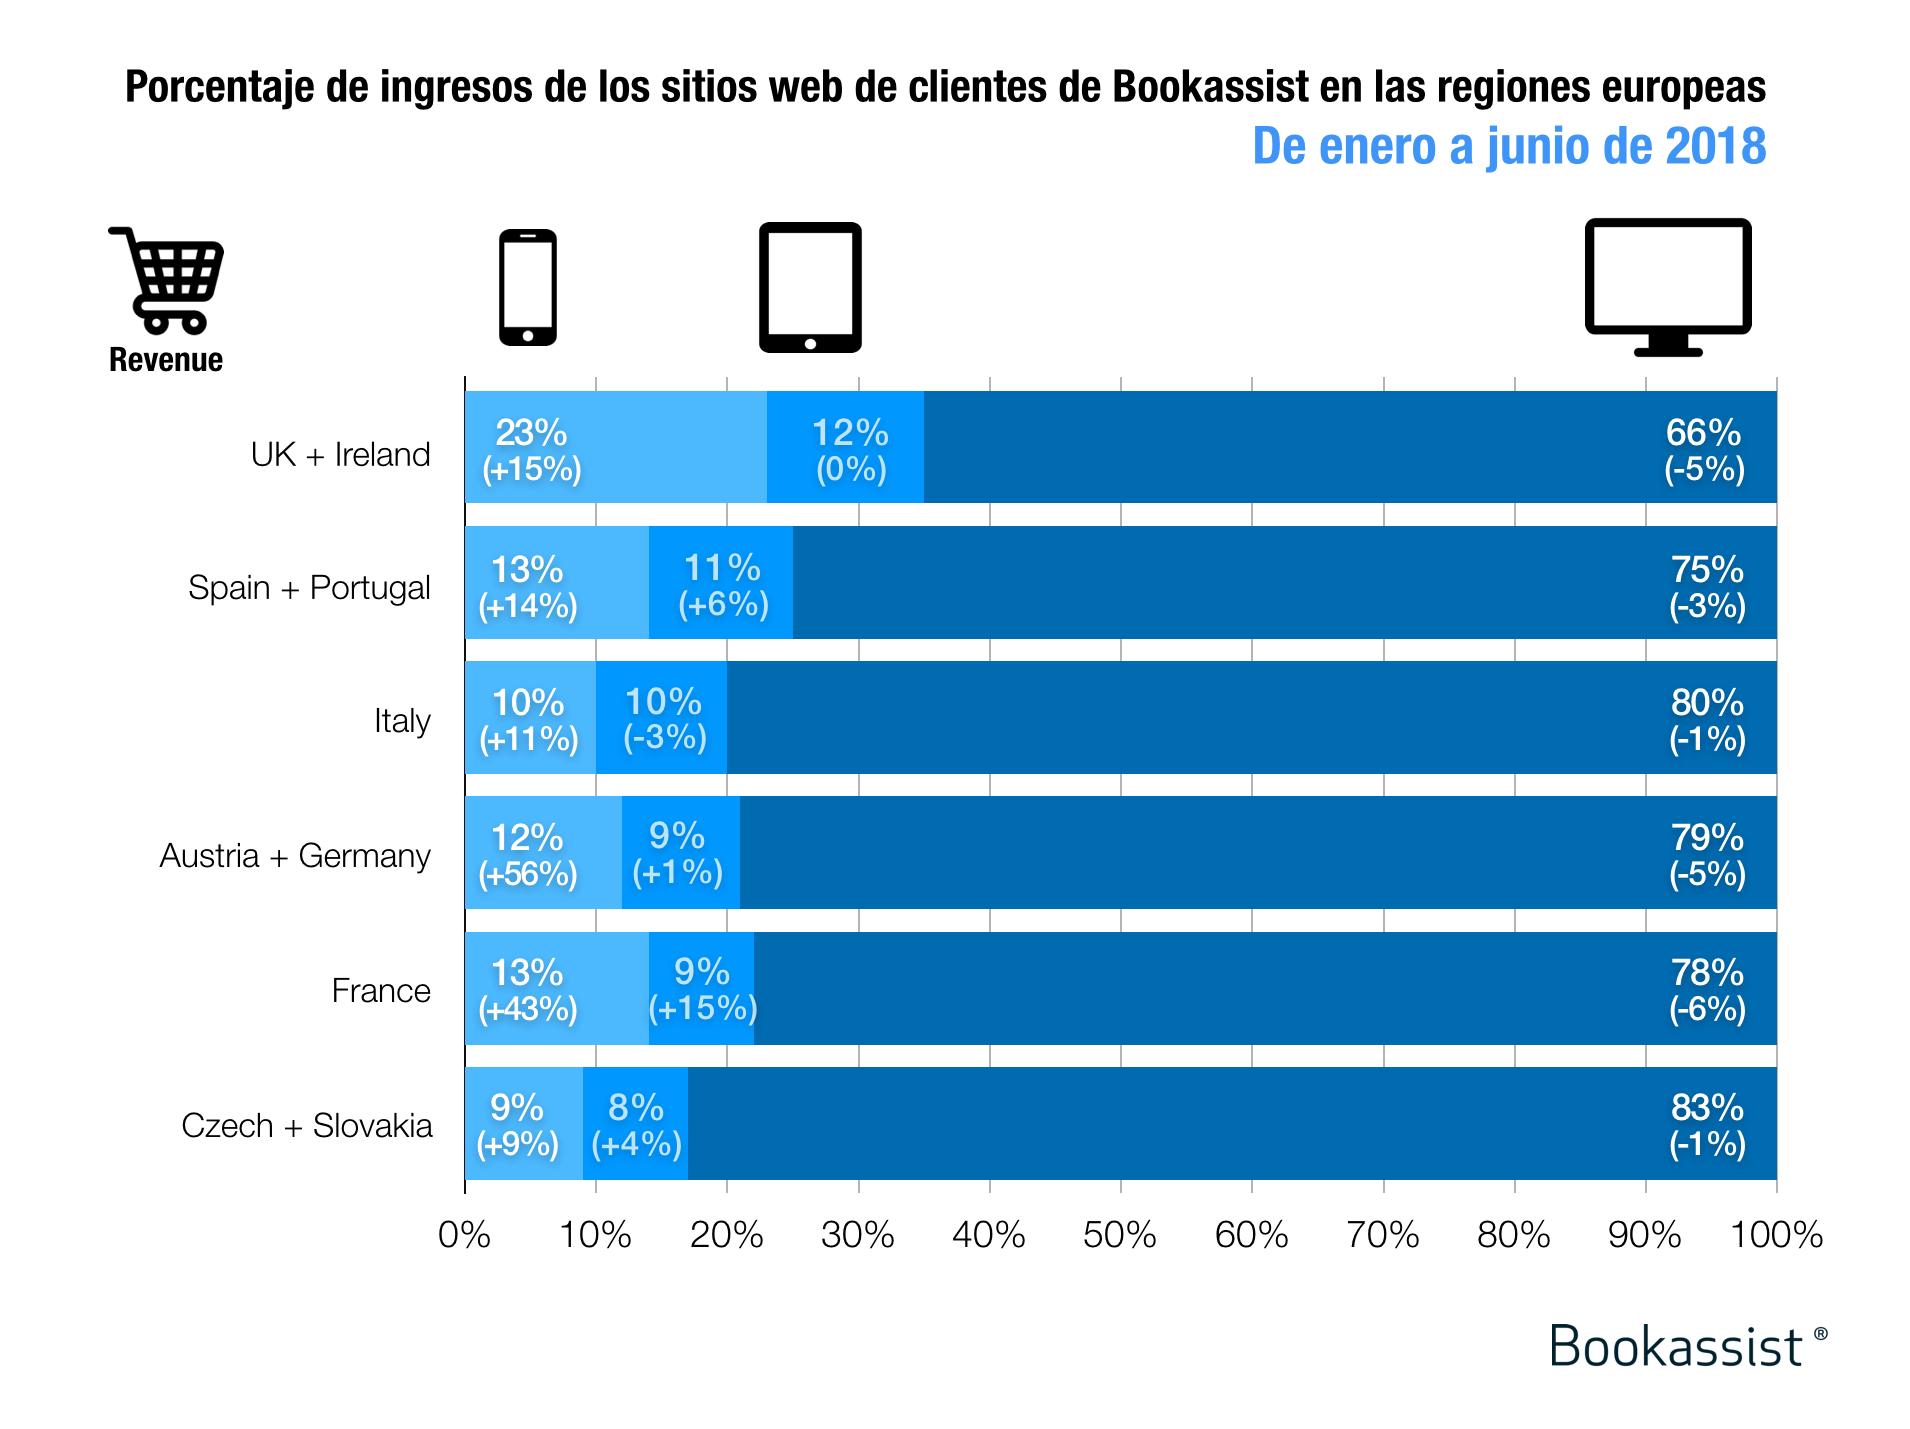 Porcentaje de ingresos por dispositivo en los sitios web de hoteles clientes de Bookassist en Europa, de enero a junio de 2018